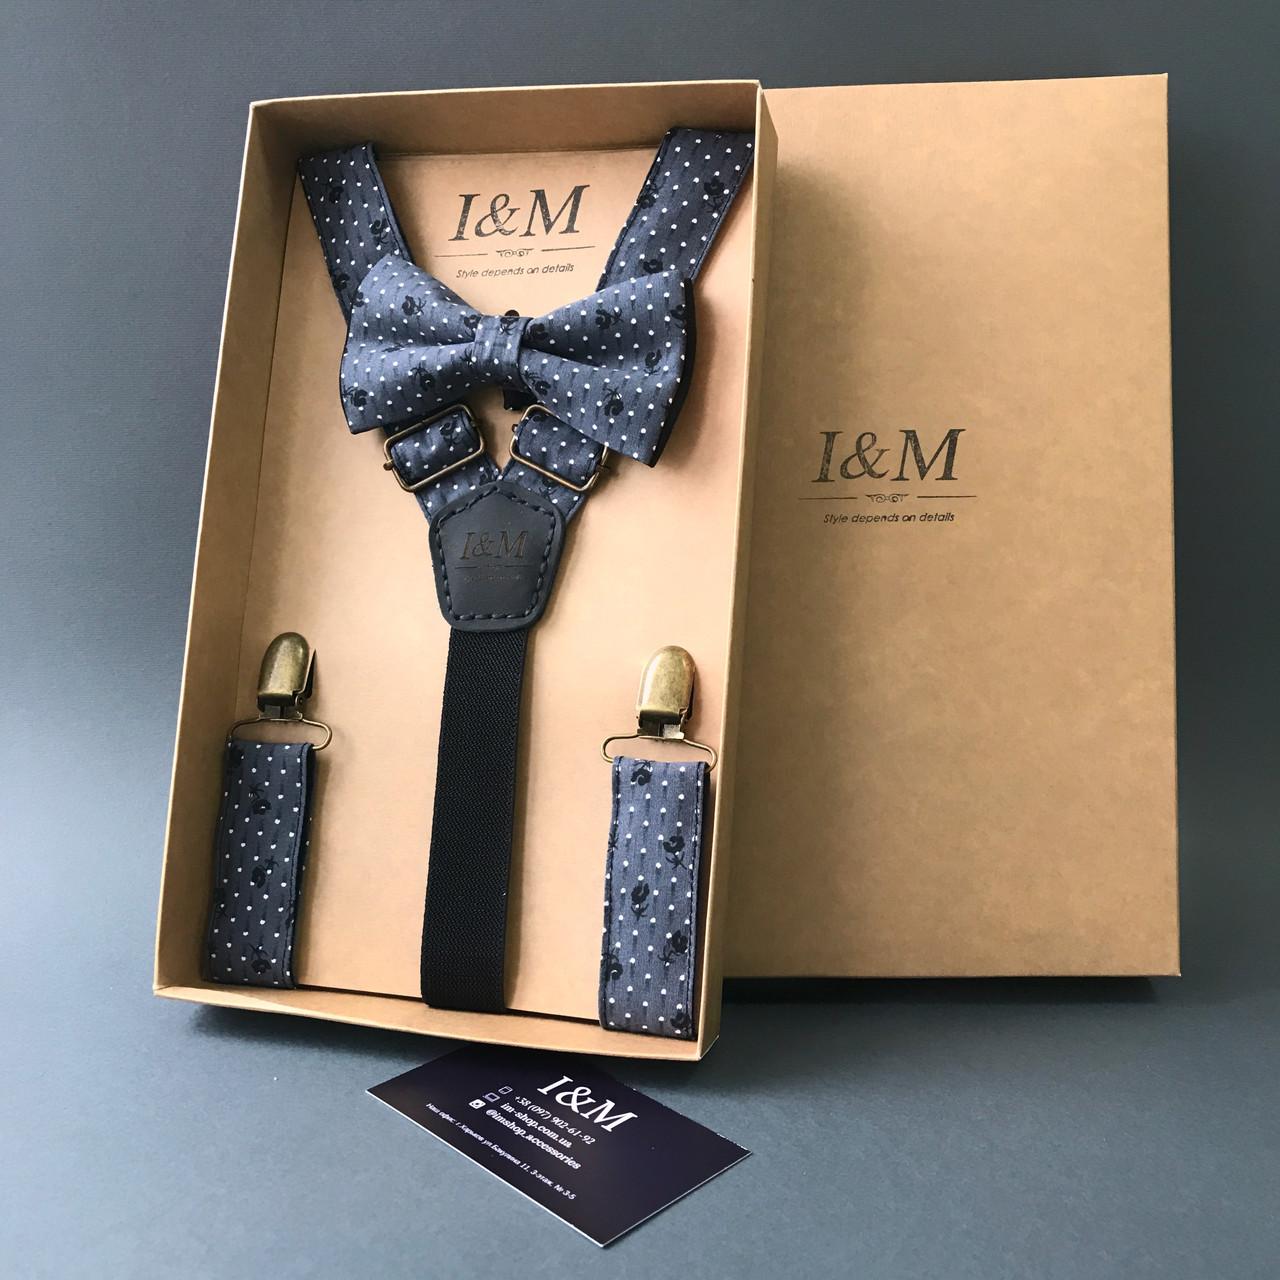 Набор I&M Craft галстук-бабочка + подтяжки для брюк (030256)